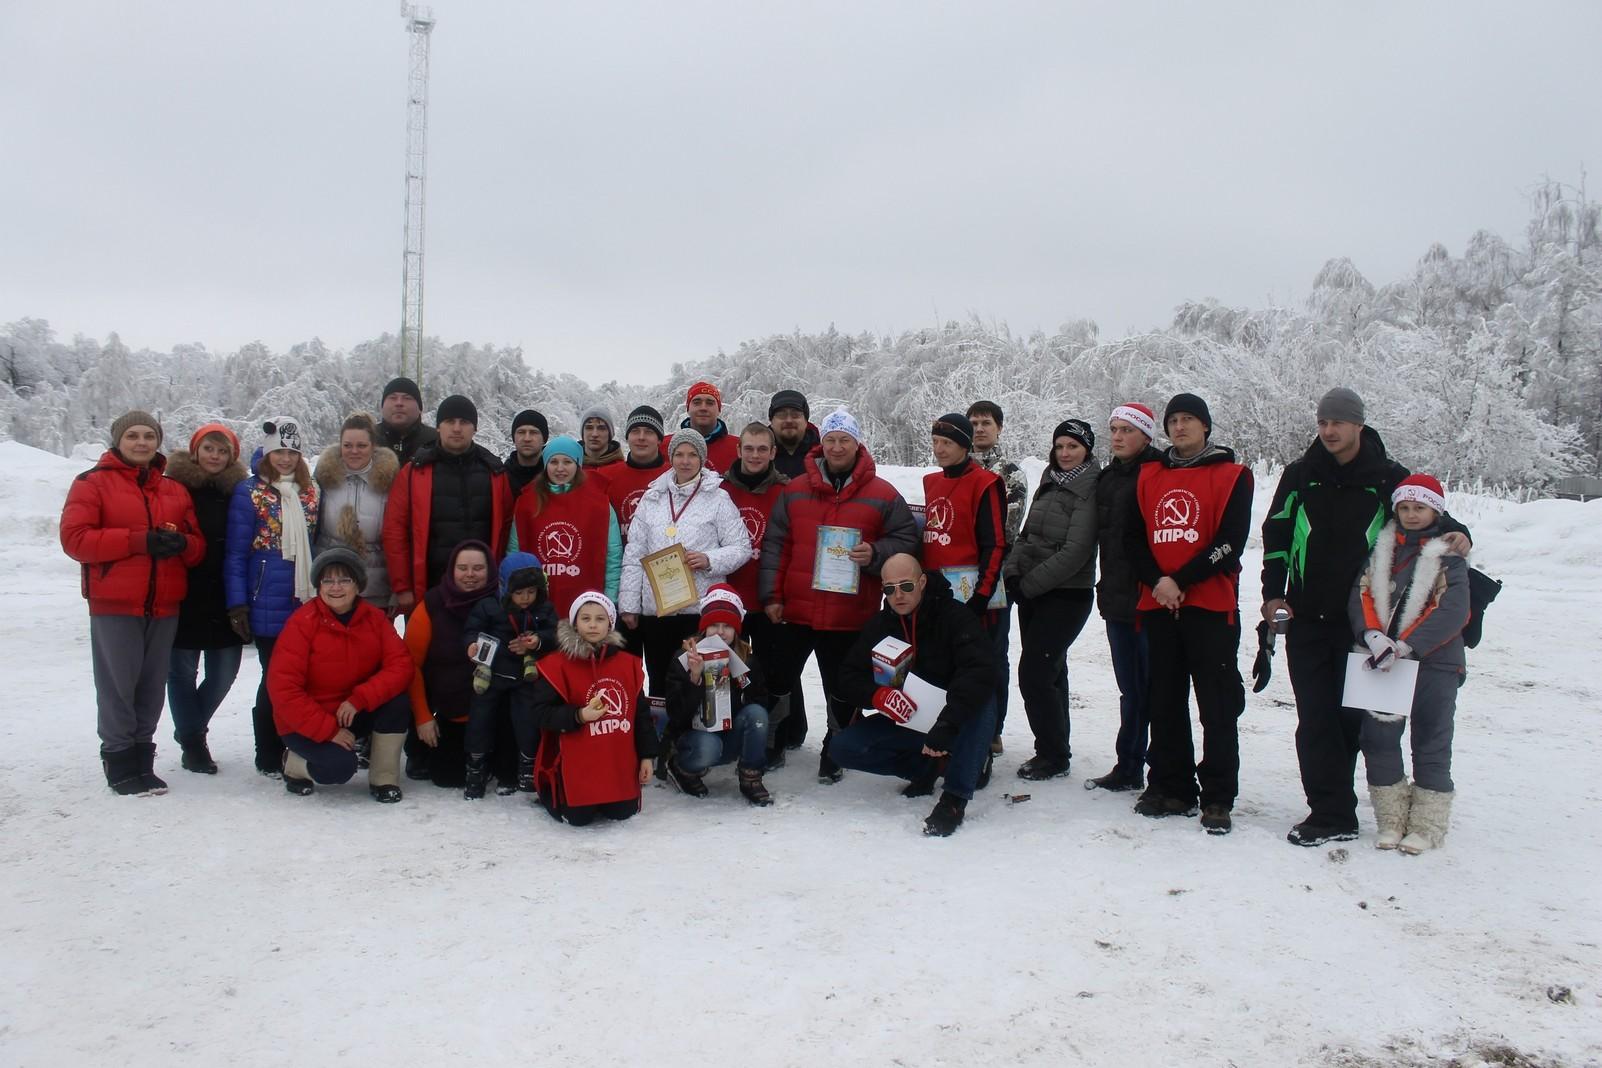 В субботу, 14 февраля, в Саратове прошла традиционная лыжня КПРФ под названием «Я люблю! Победа!»